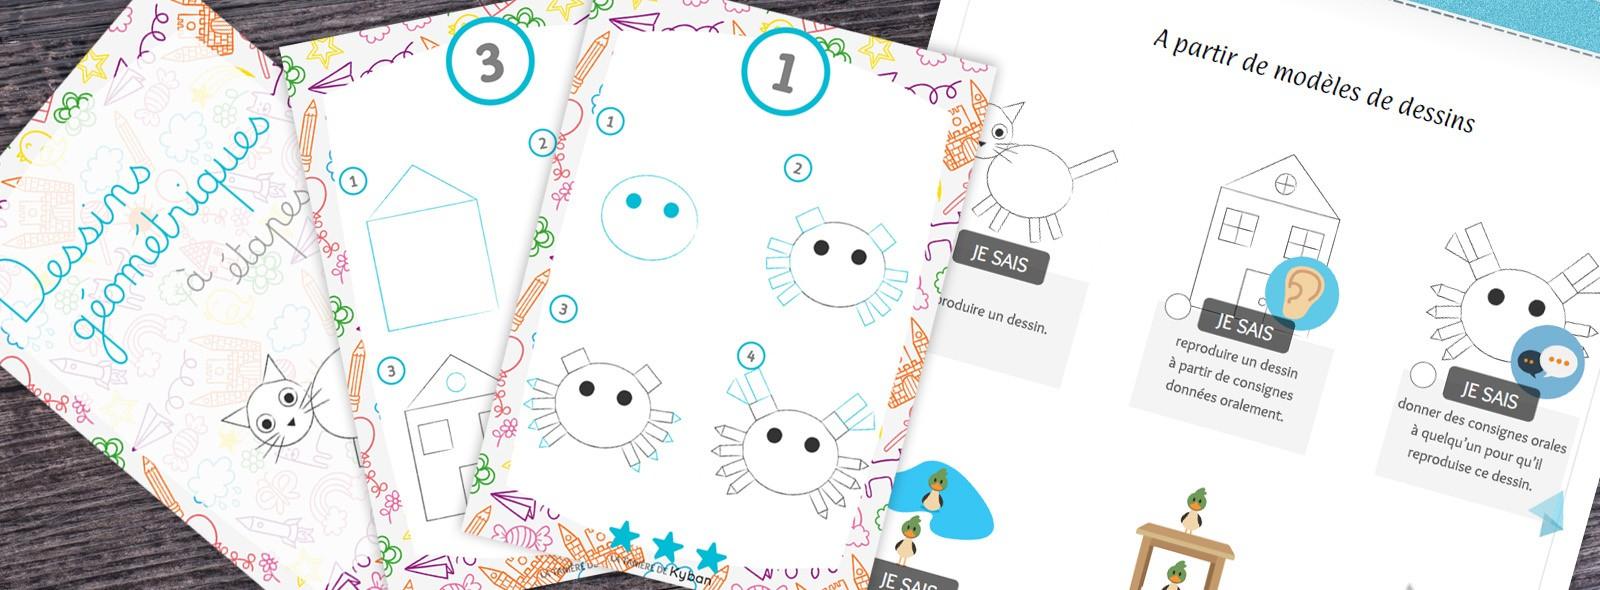 Dessins À Étapes Avec Des Formes Géométriques En Maternelle destiné Image De Dessin A Reproduire